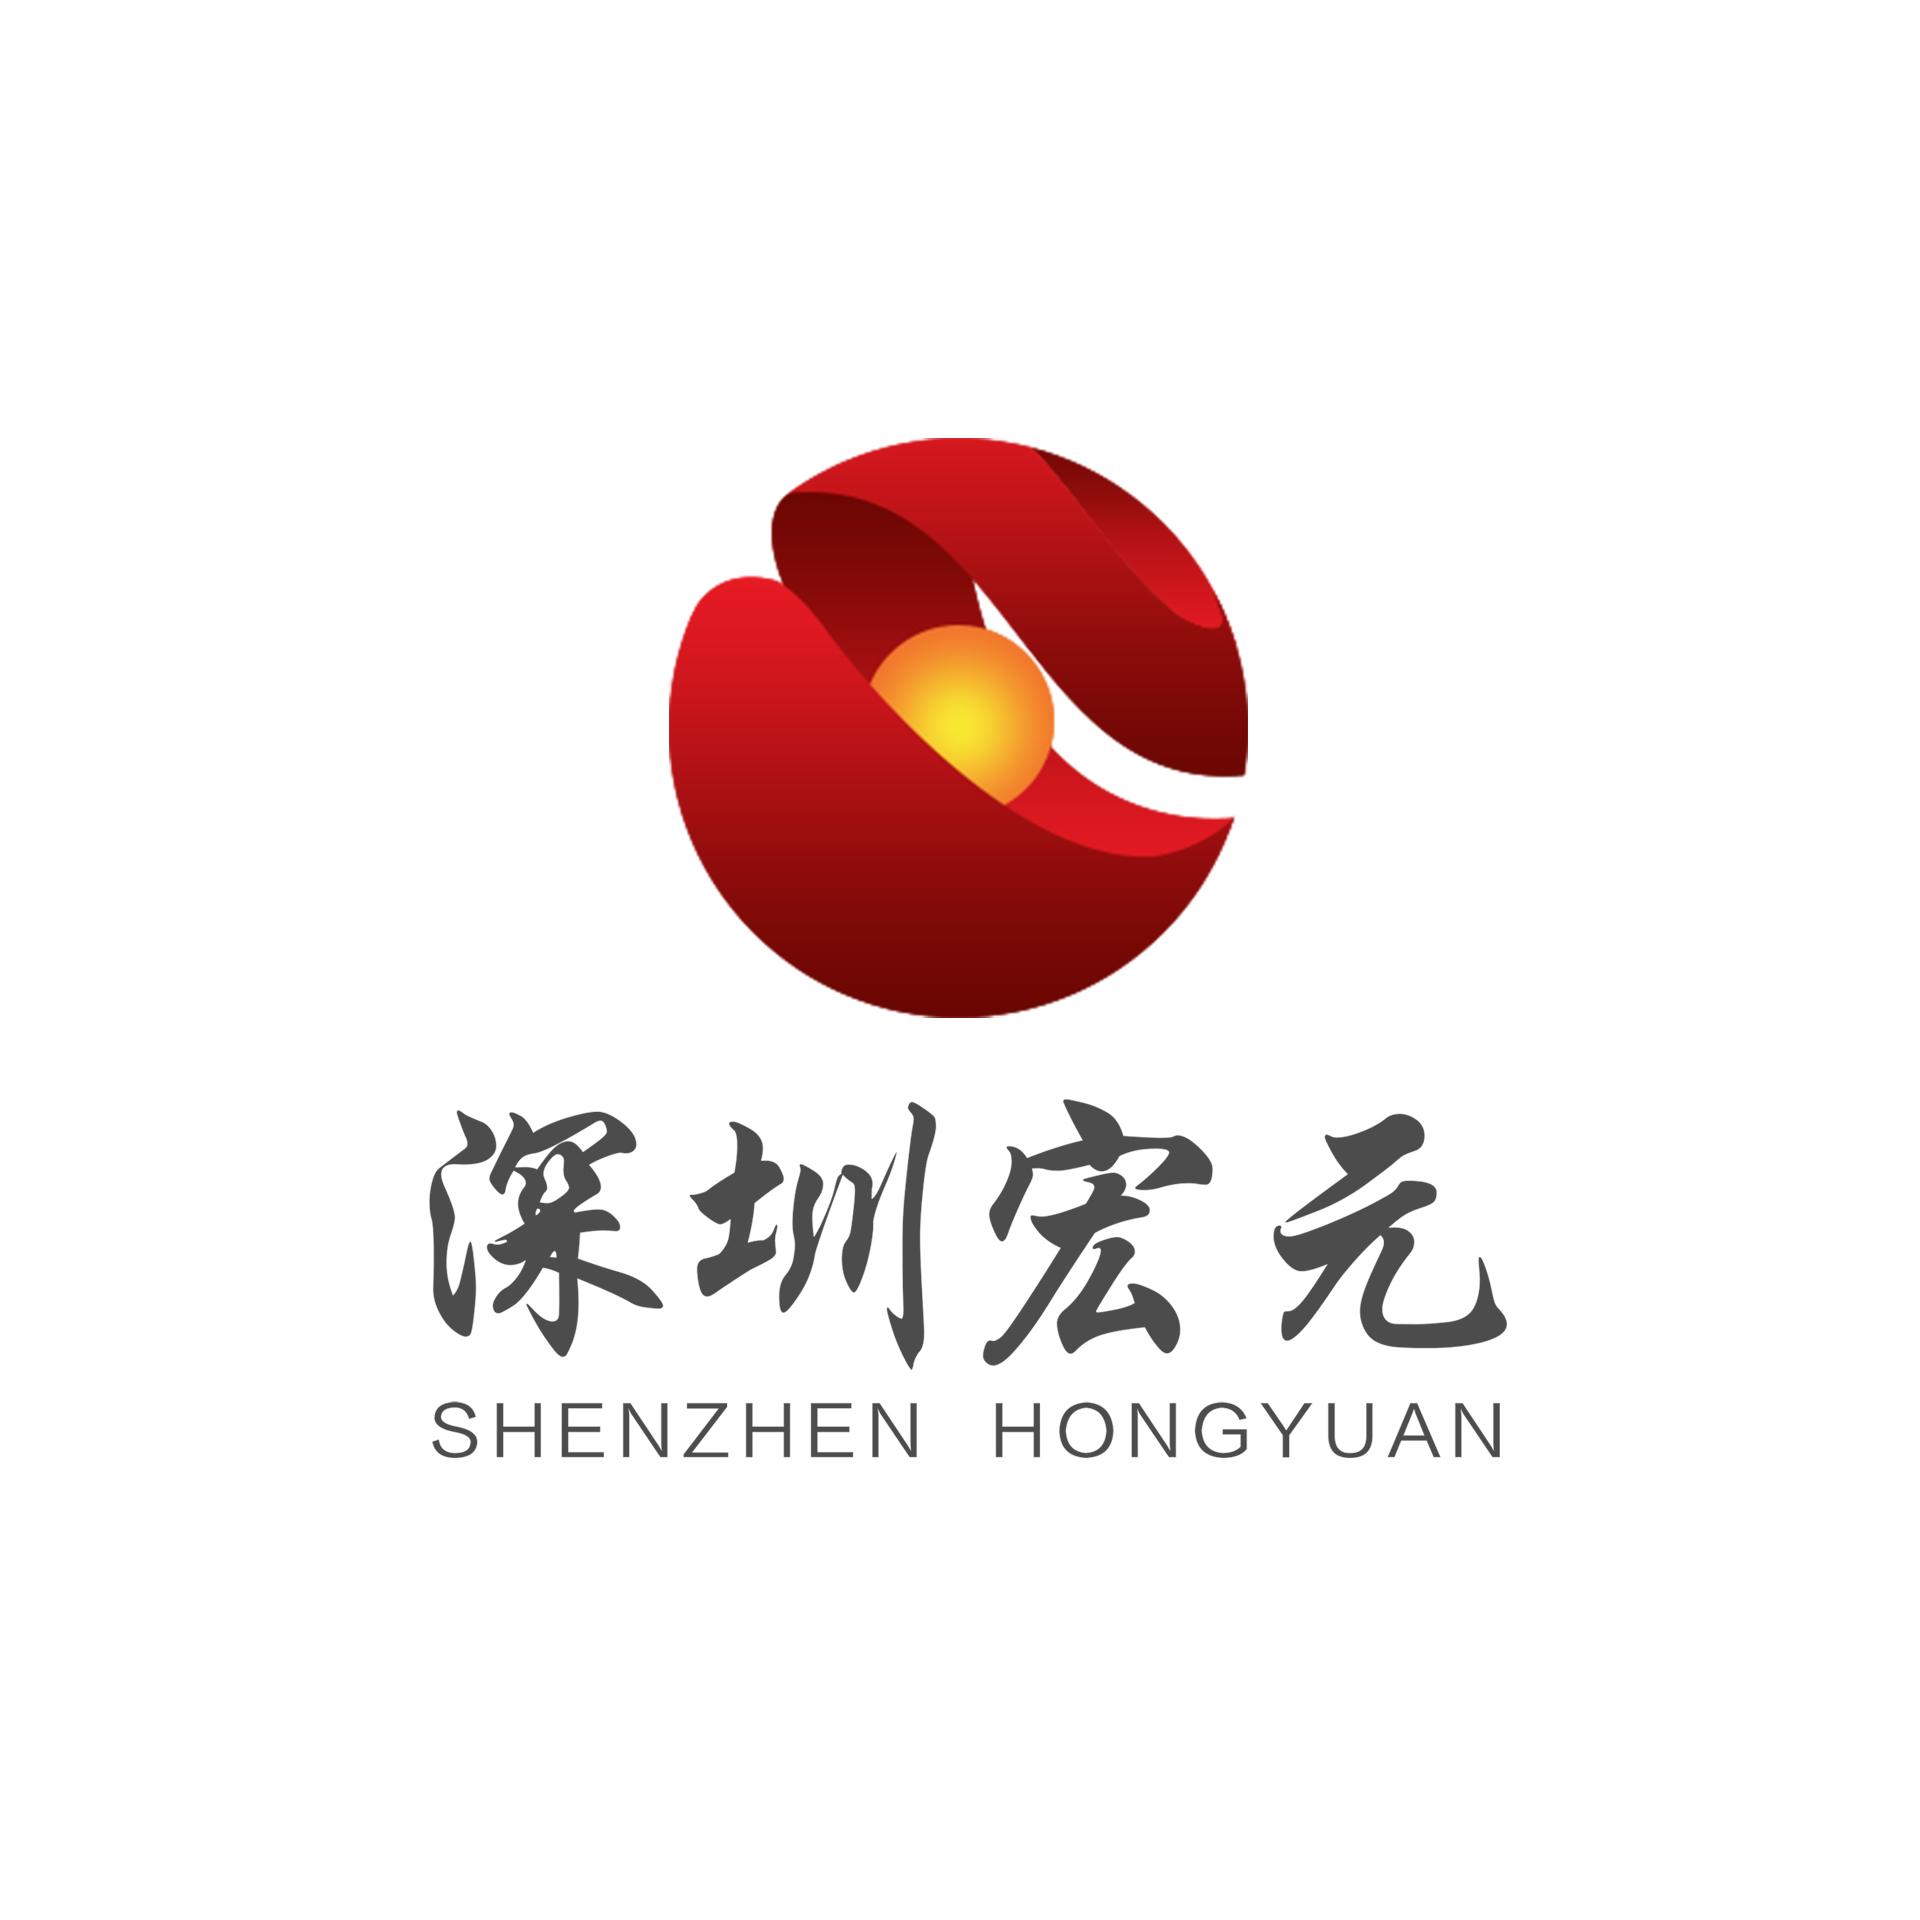 宏元(宜昌)新材料科技有限公司高氯酸铵产品顺利通过产品鉴定